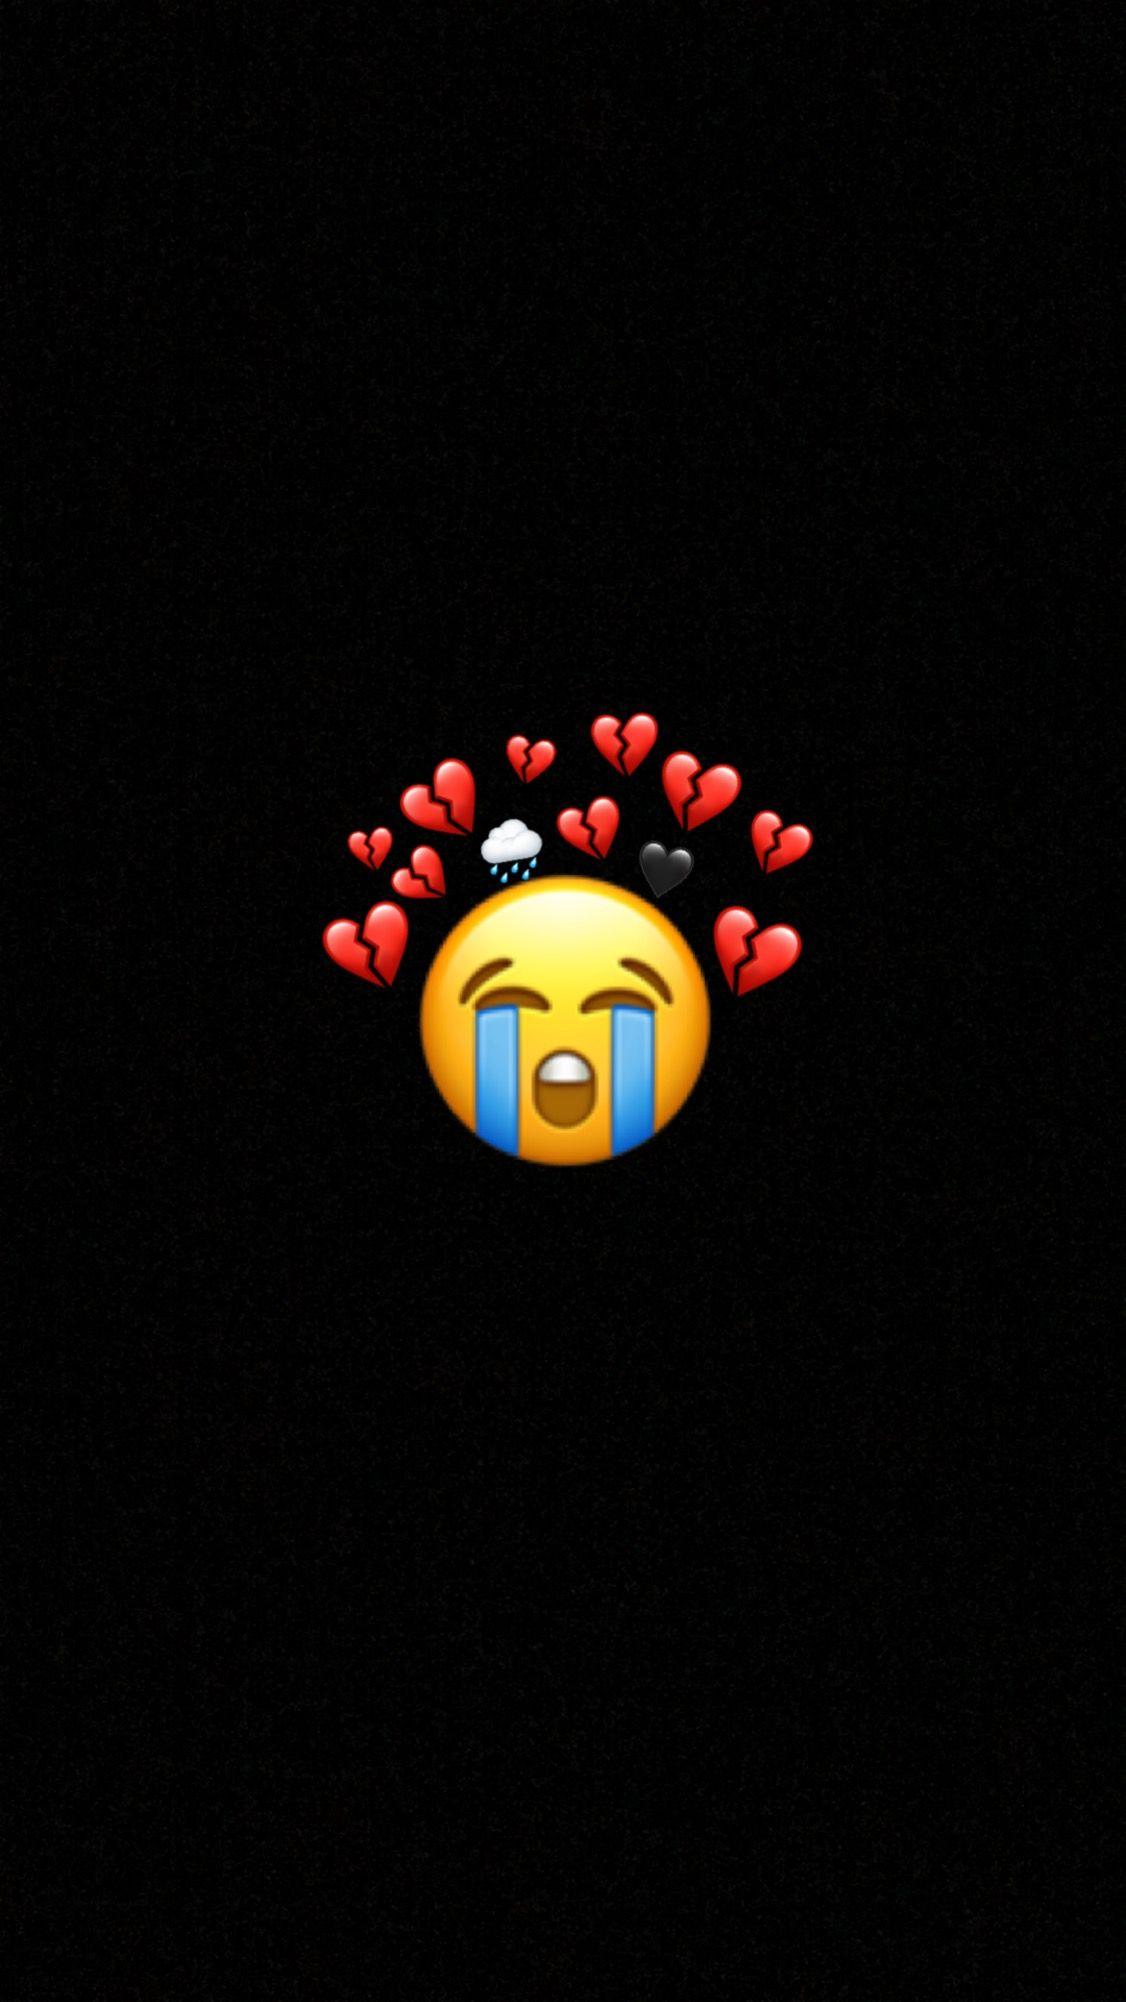 Pin De Arzoo Khan En Just Cuz Fondo De Pantalla Emoji Fondo De Iphone Emoji Fondos